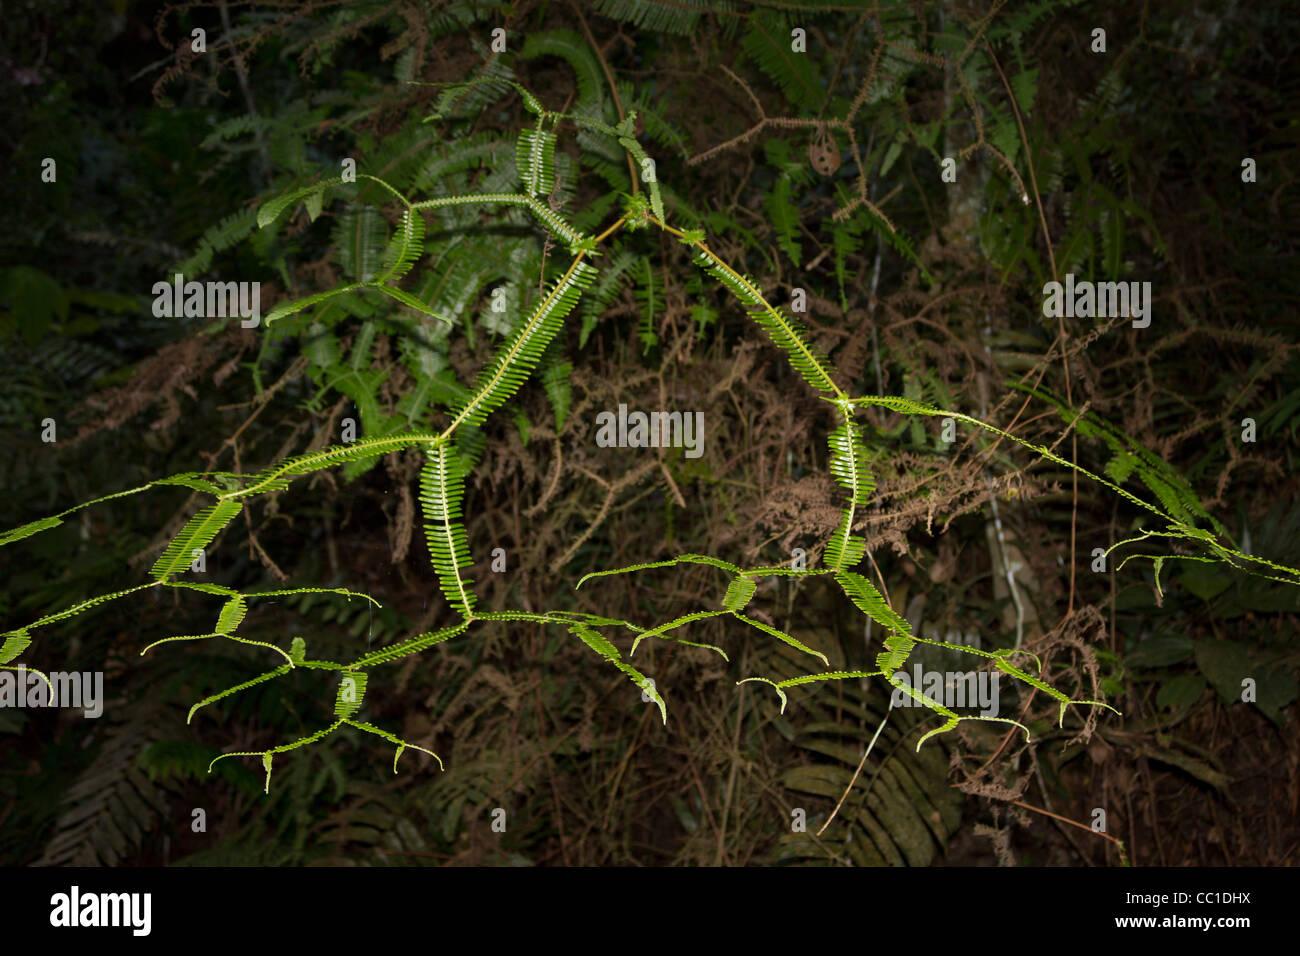 fractal fern, Kuala Lumpur, Malaysia - Stock Image